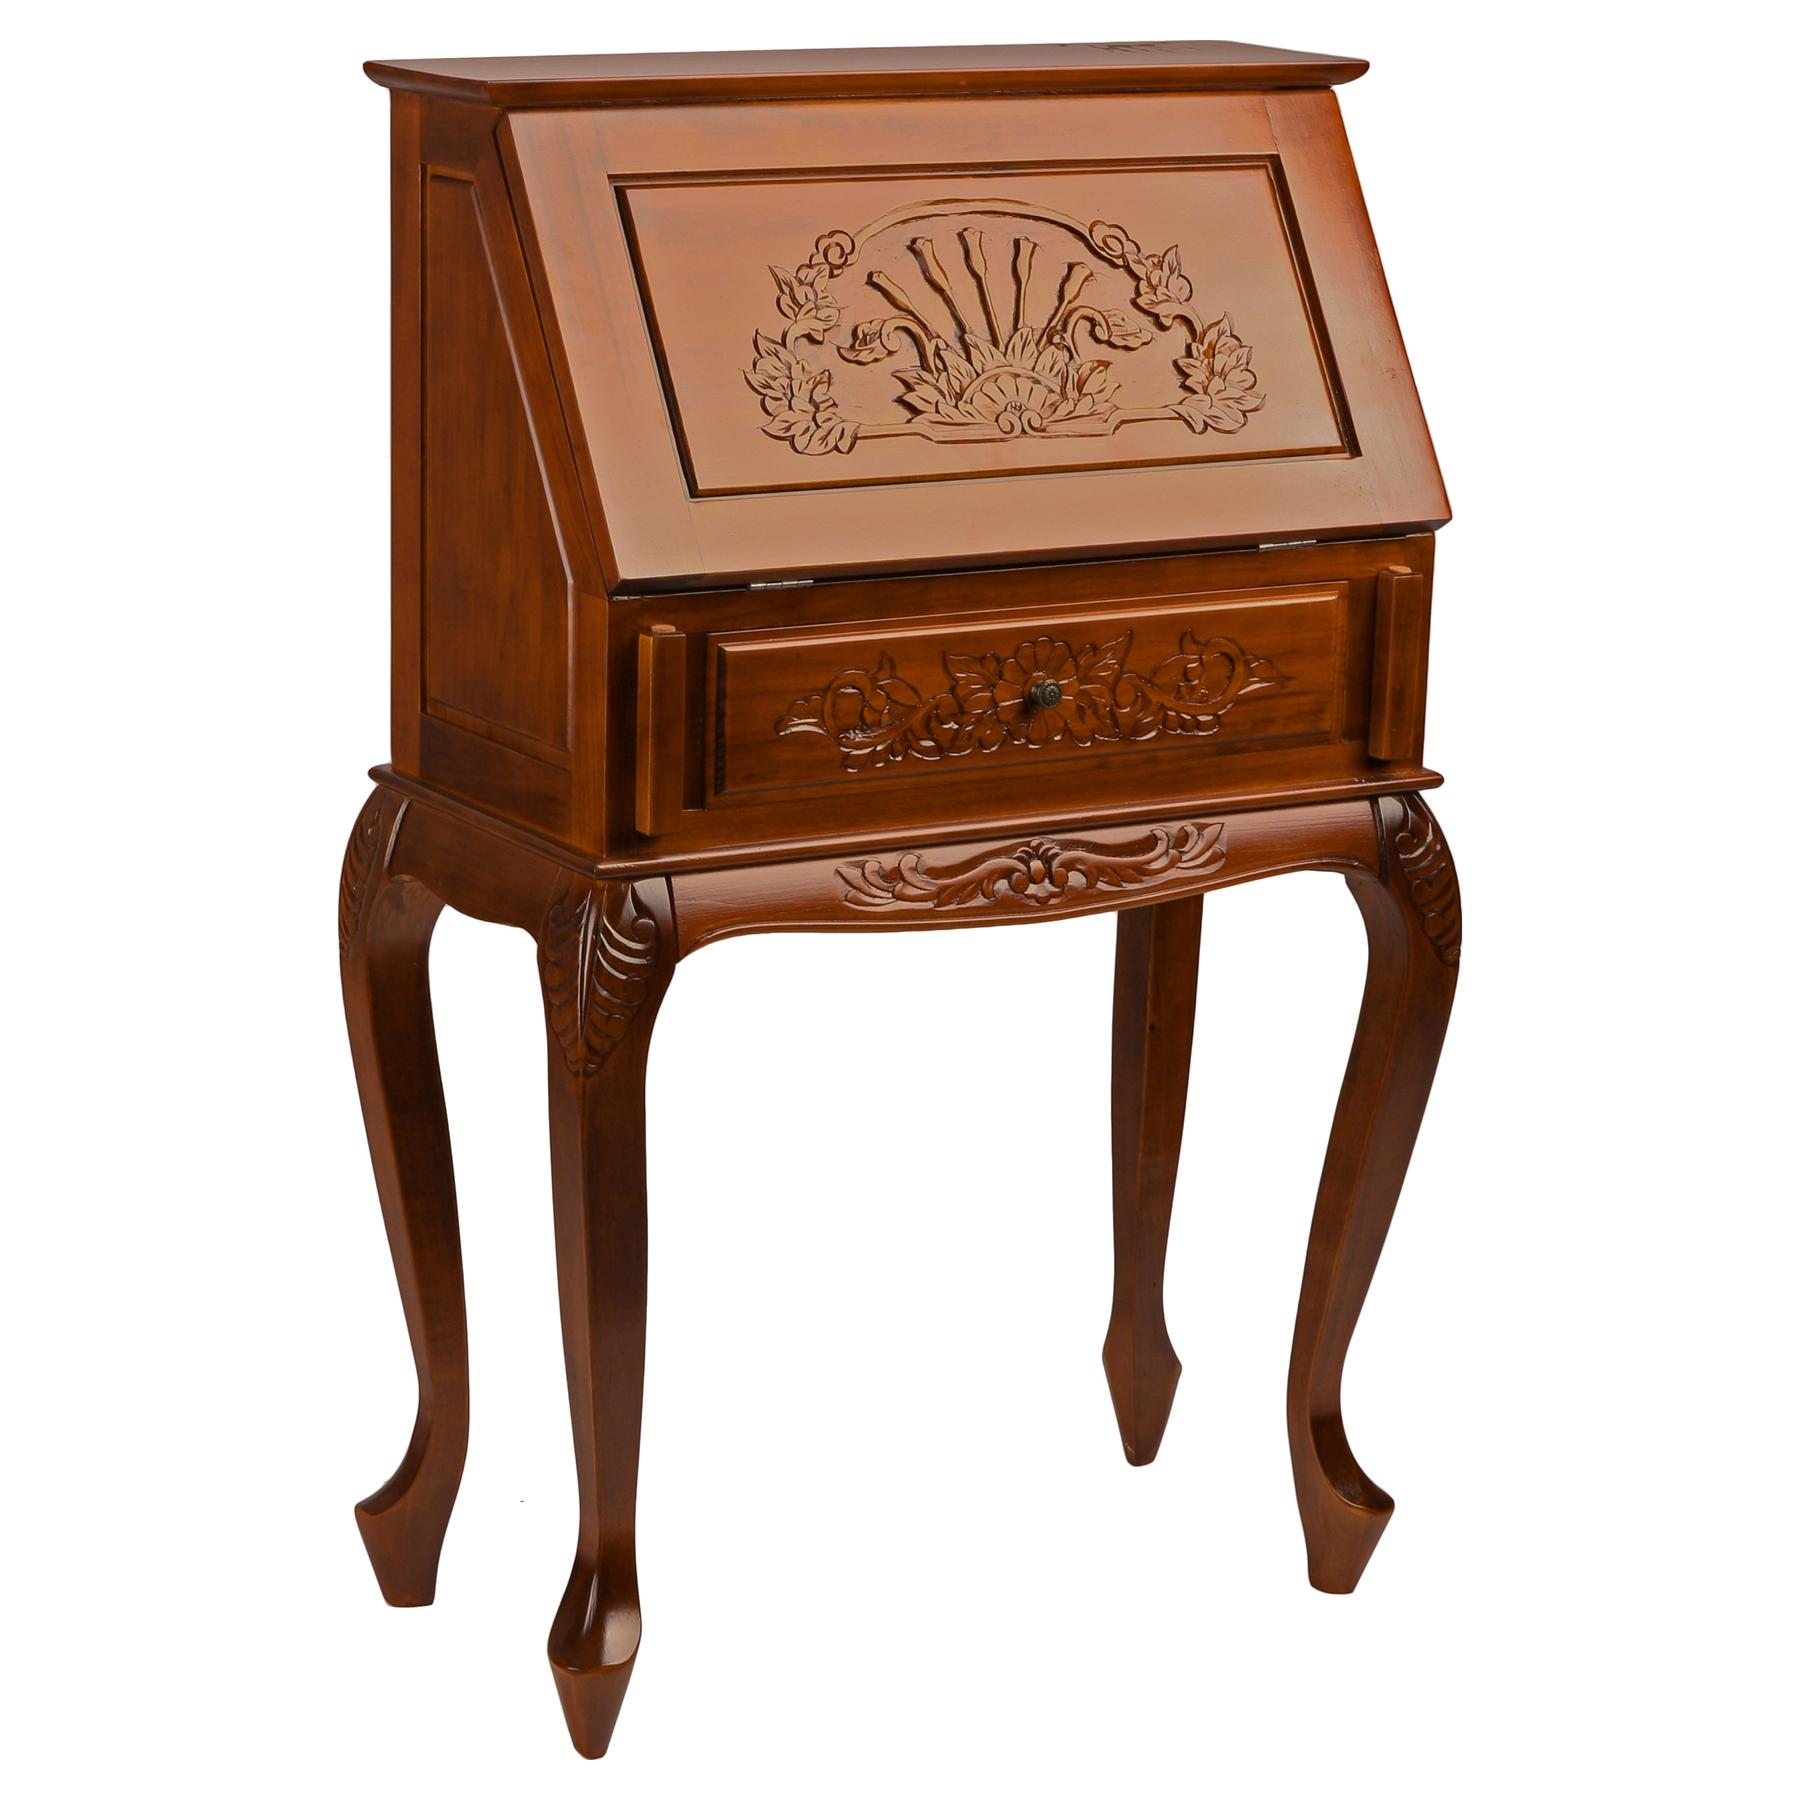 Victorian Wood Secretary Desk Mahogany Stain Finish